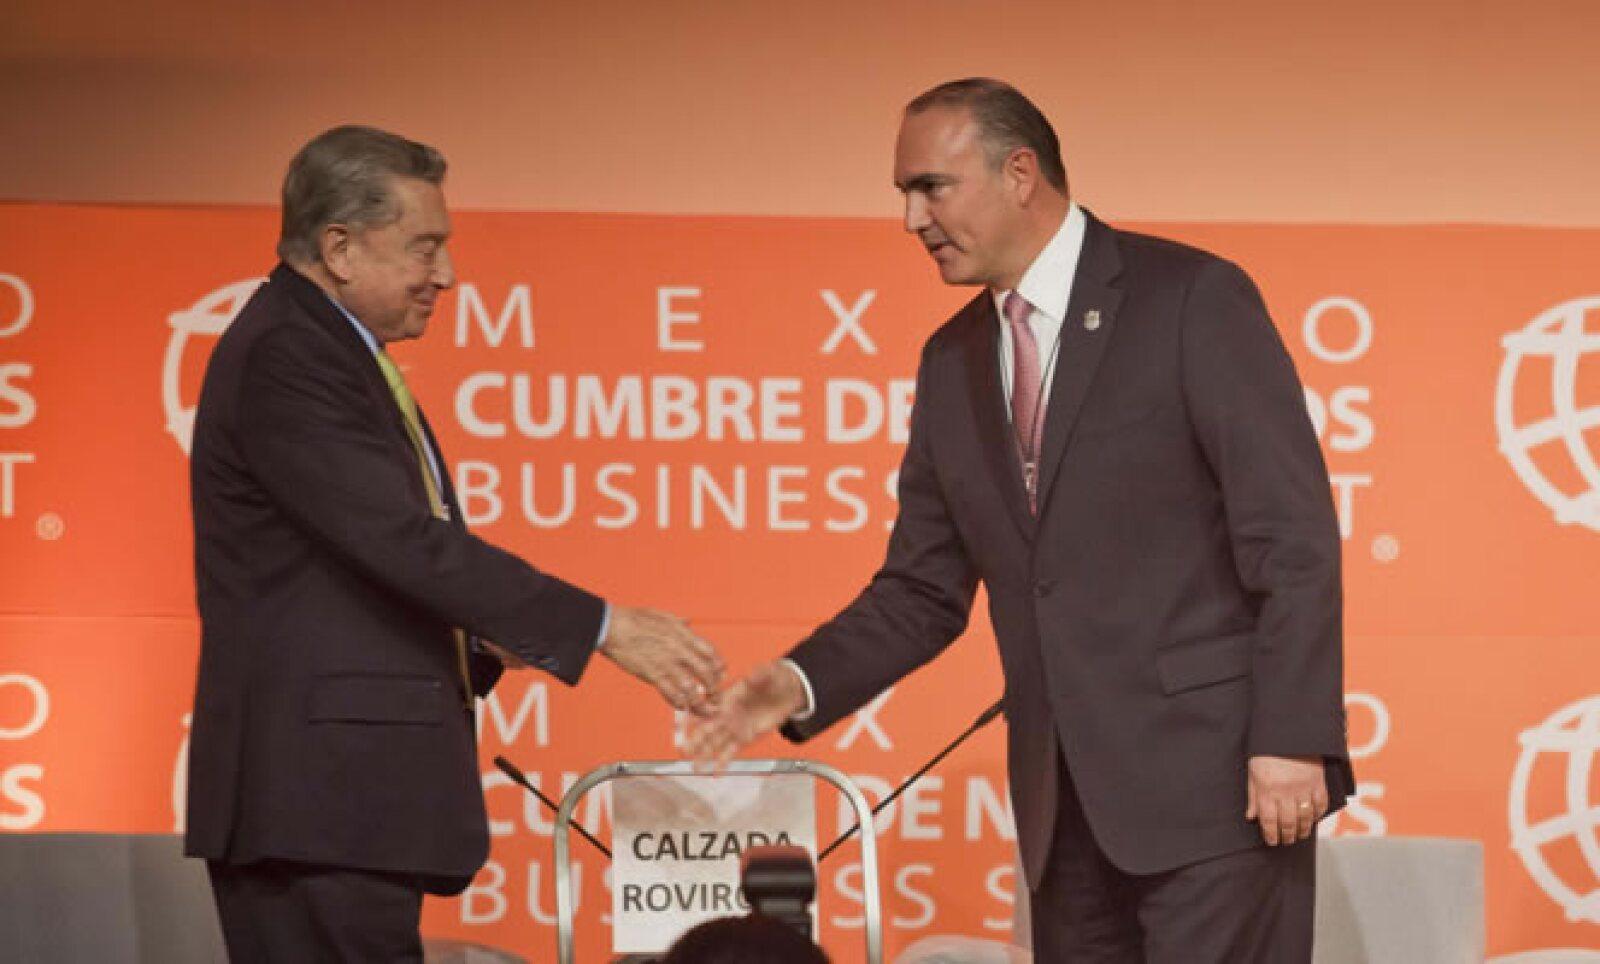 El presidente y fundador de México Cumbre de Negocios escuchó a los ponentes de la primera sesión disertar sobre la economía de Estados Unidos y Europa.